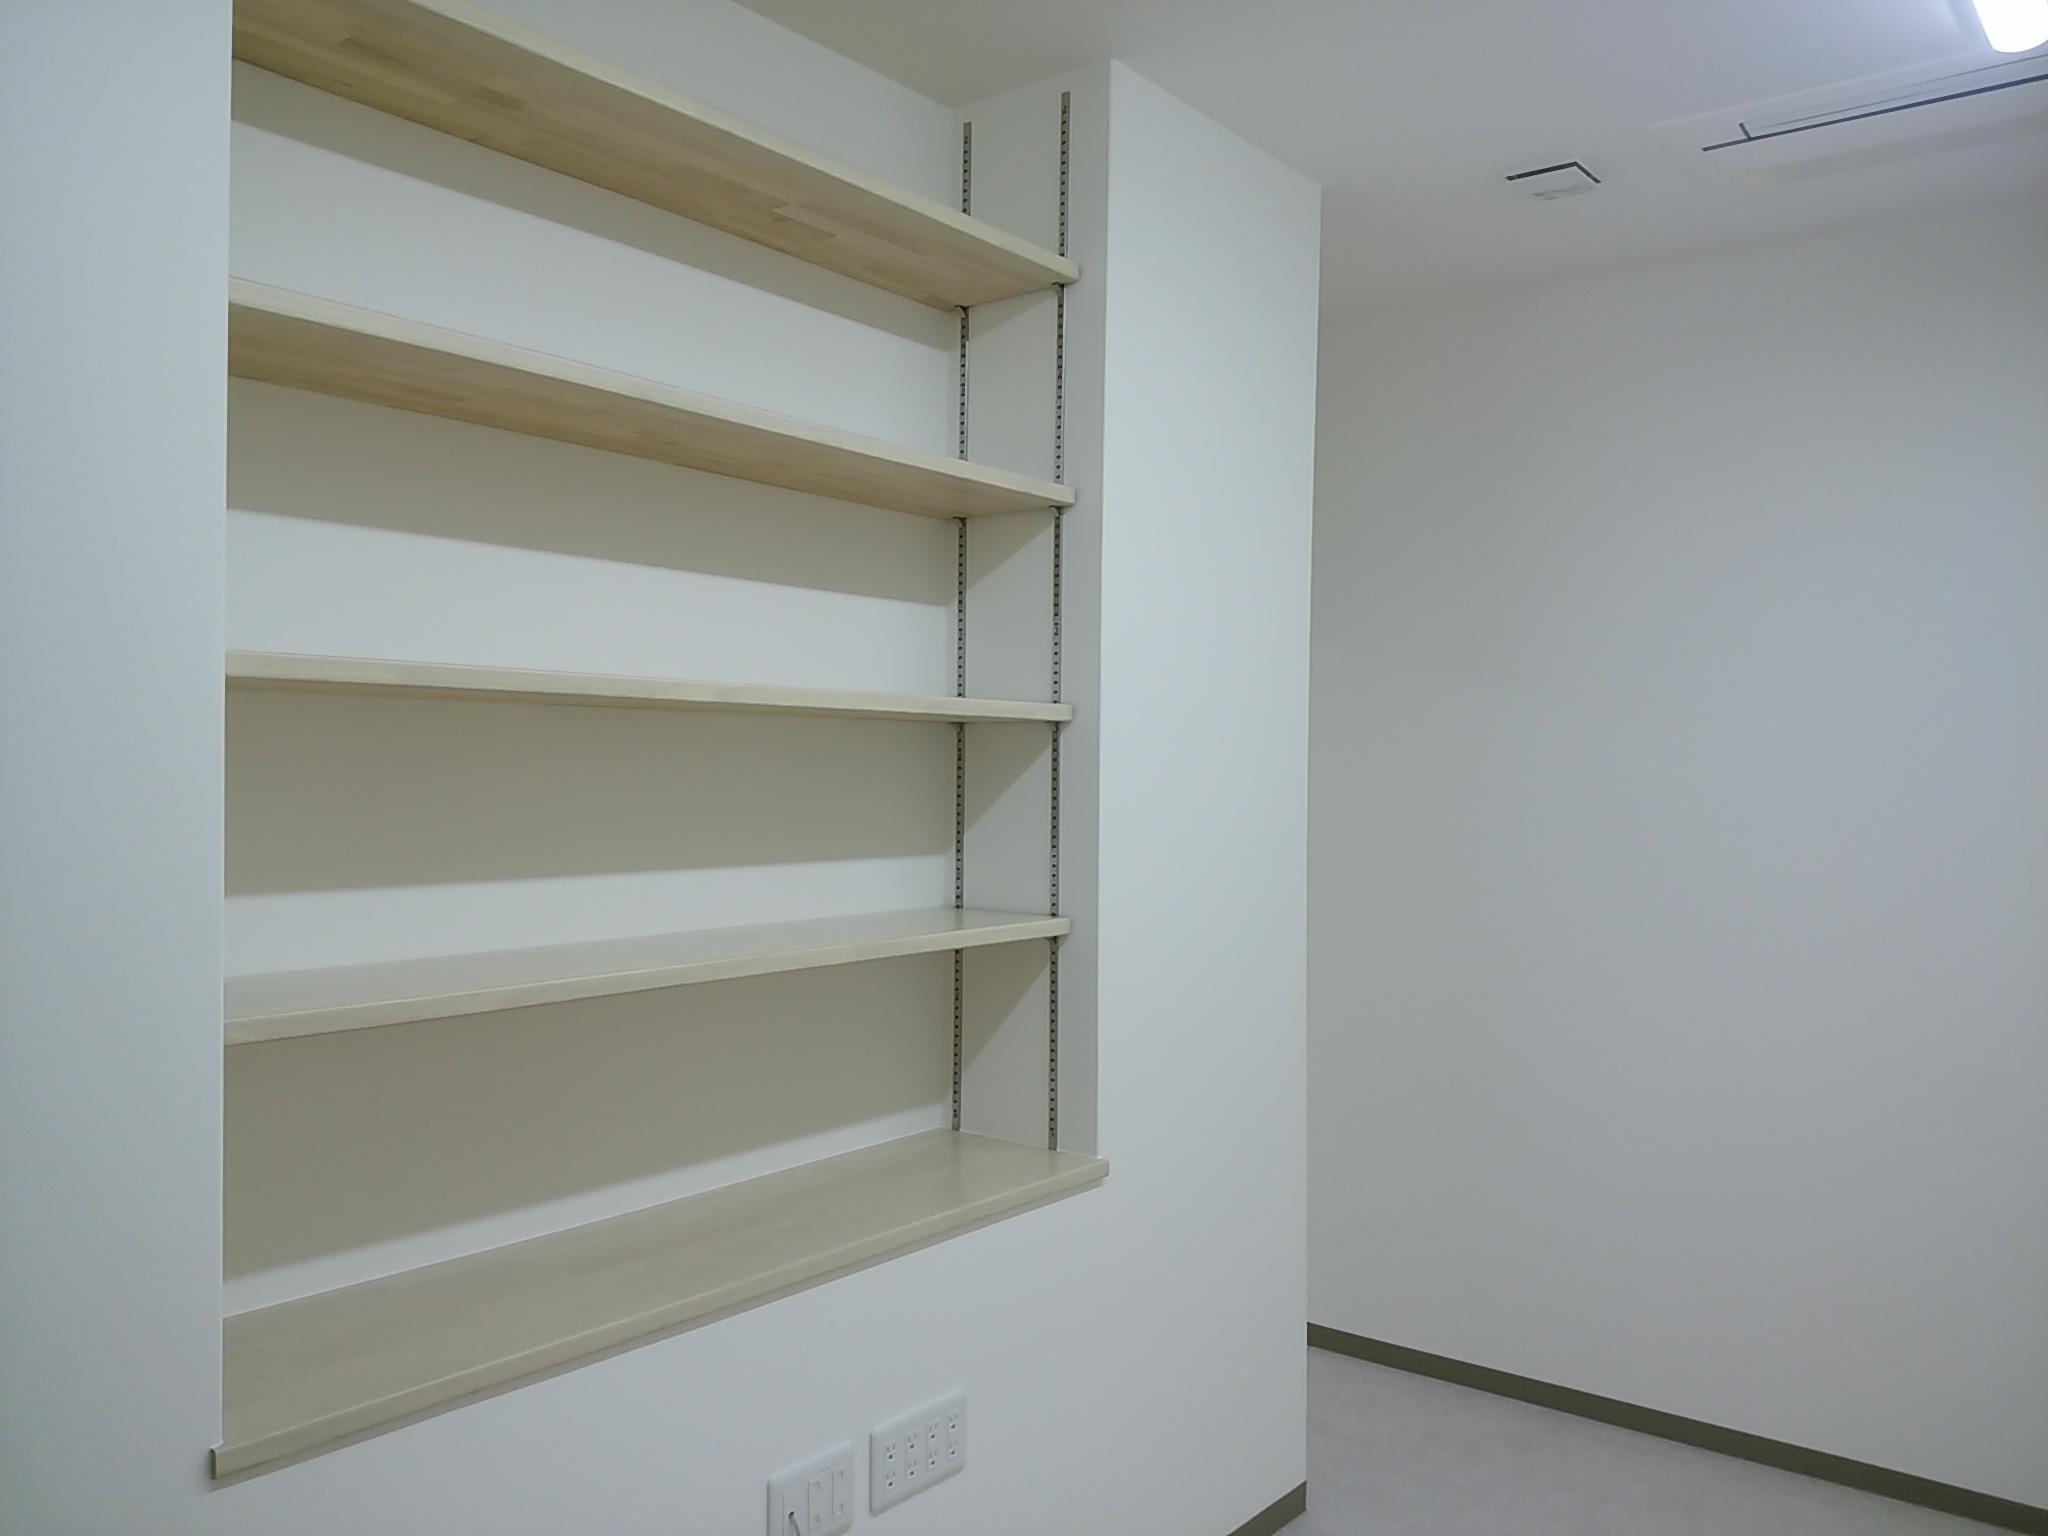 ニッチ(壁の厚みを利用した棚)